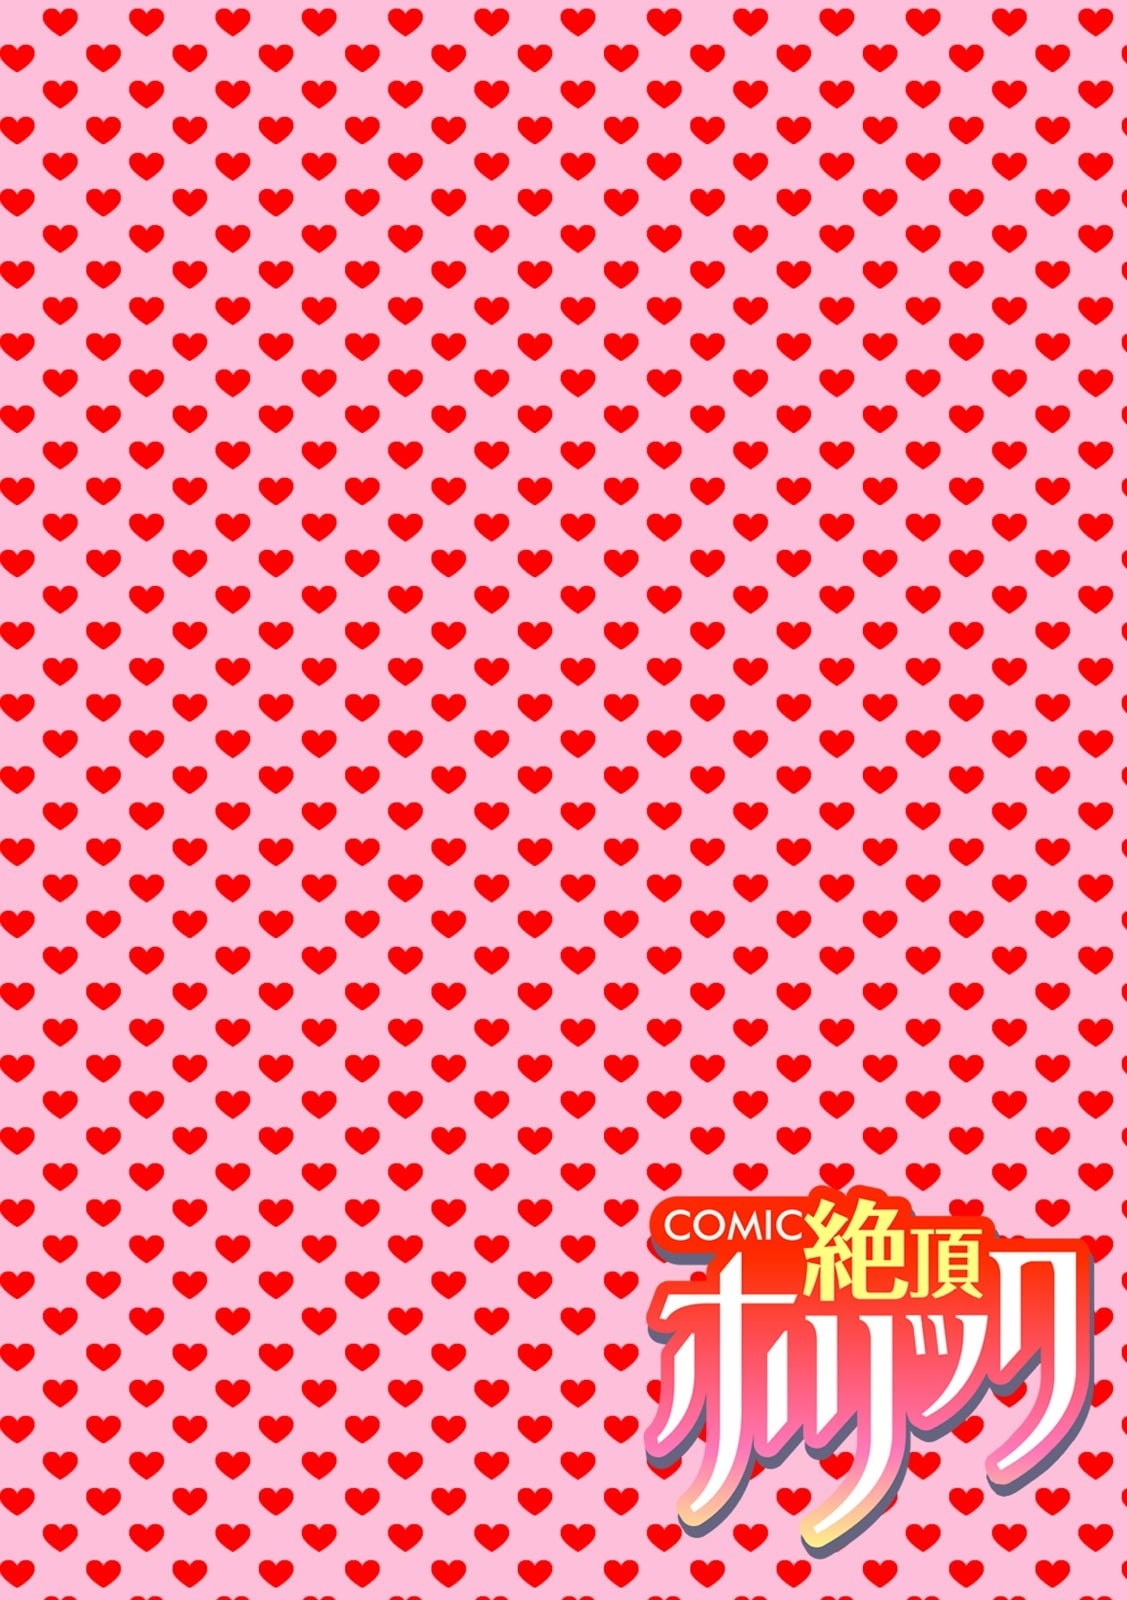 COMIC絶頂ホリック vol.30